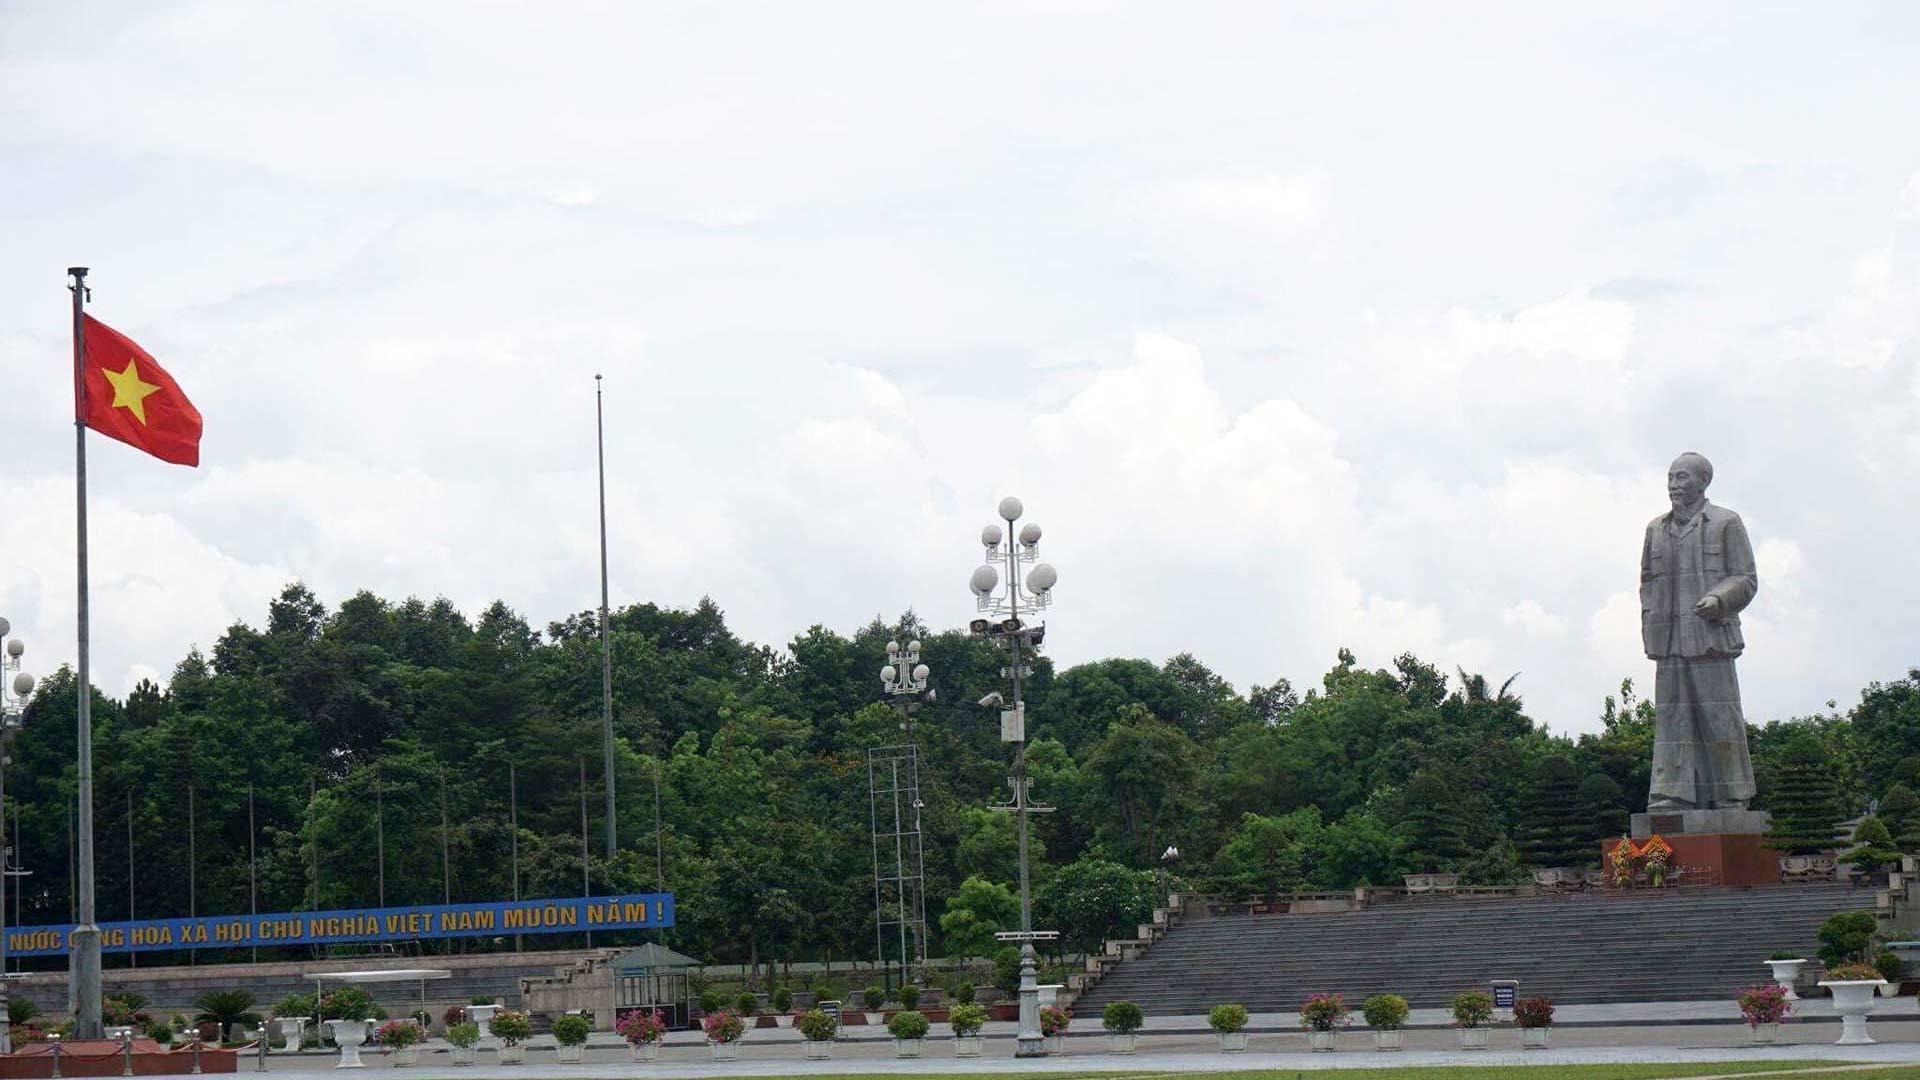 tượng đài, Chủ tịch Hồ Chí Minh, Quảng Bình, tượng đài Chủ tịch Hồ Chí Minh